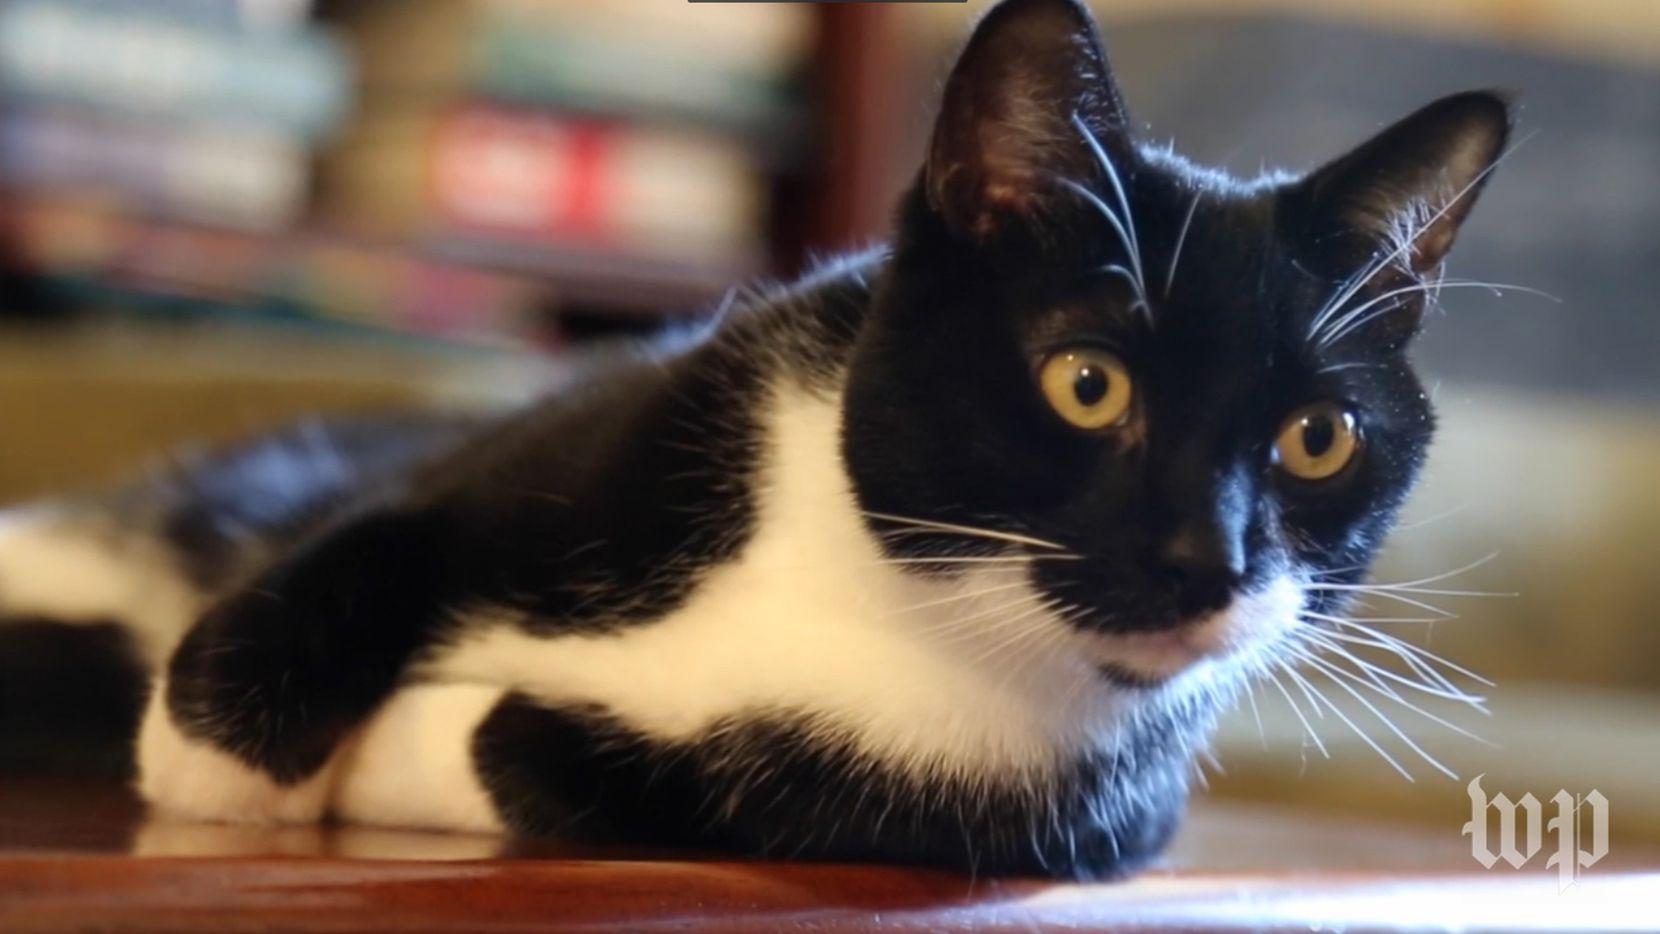 Meow Talk, creda por Akvelon, es una app que supuestamente explica qué quiere decir cada maullido.